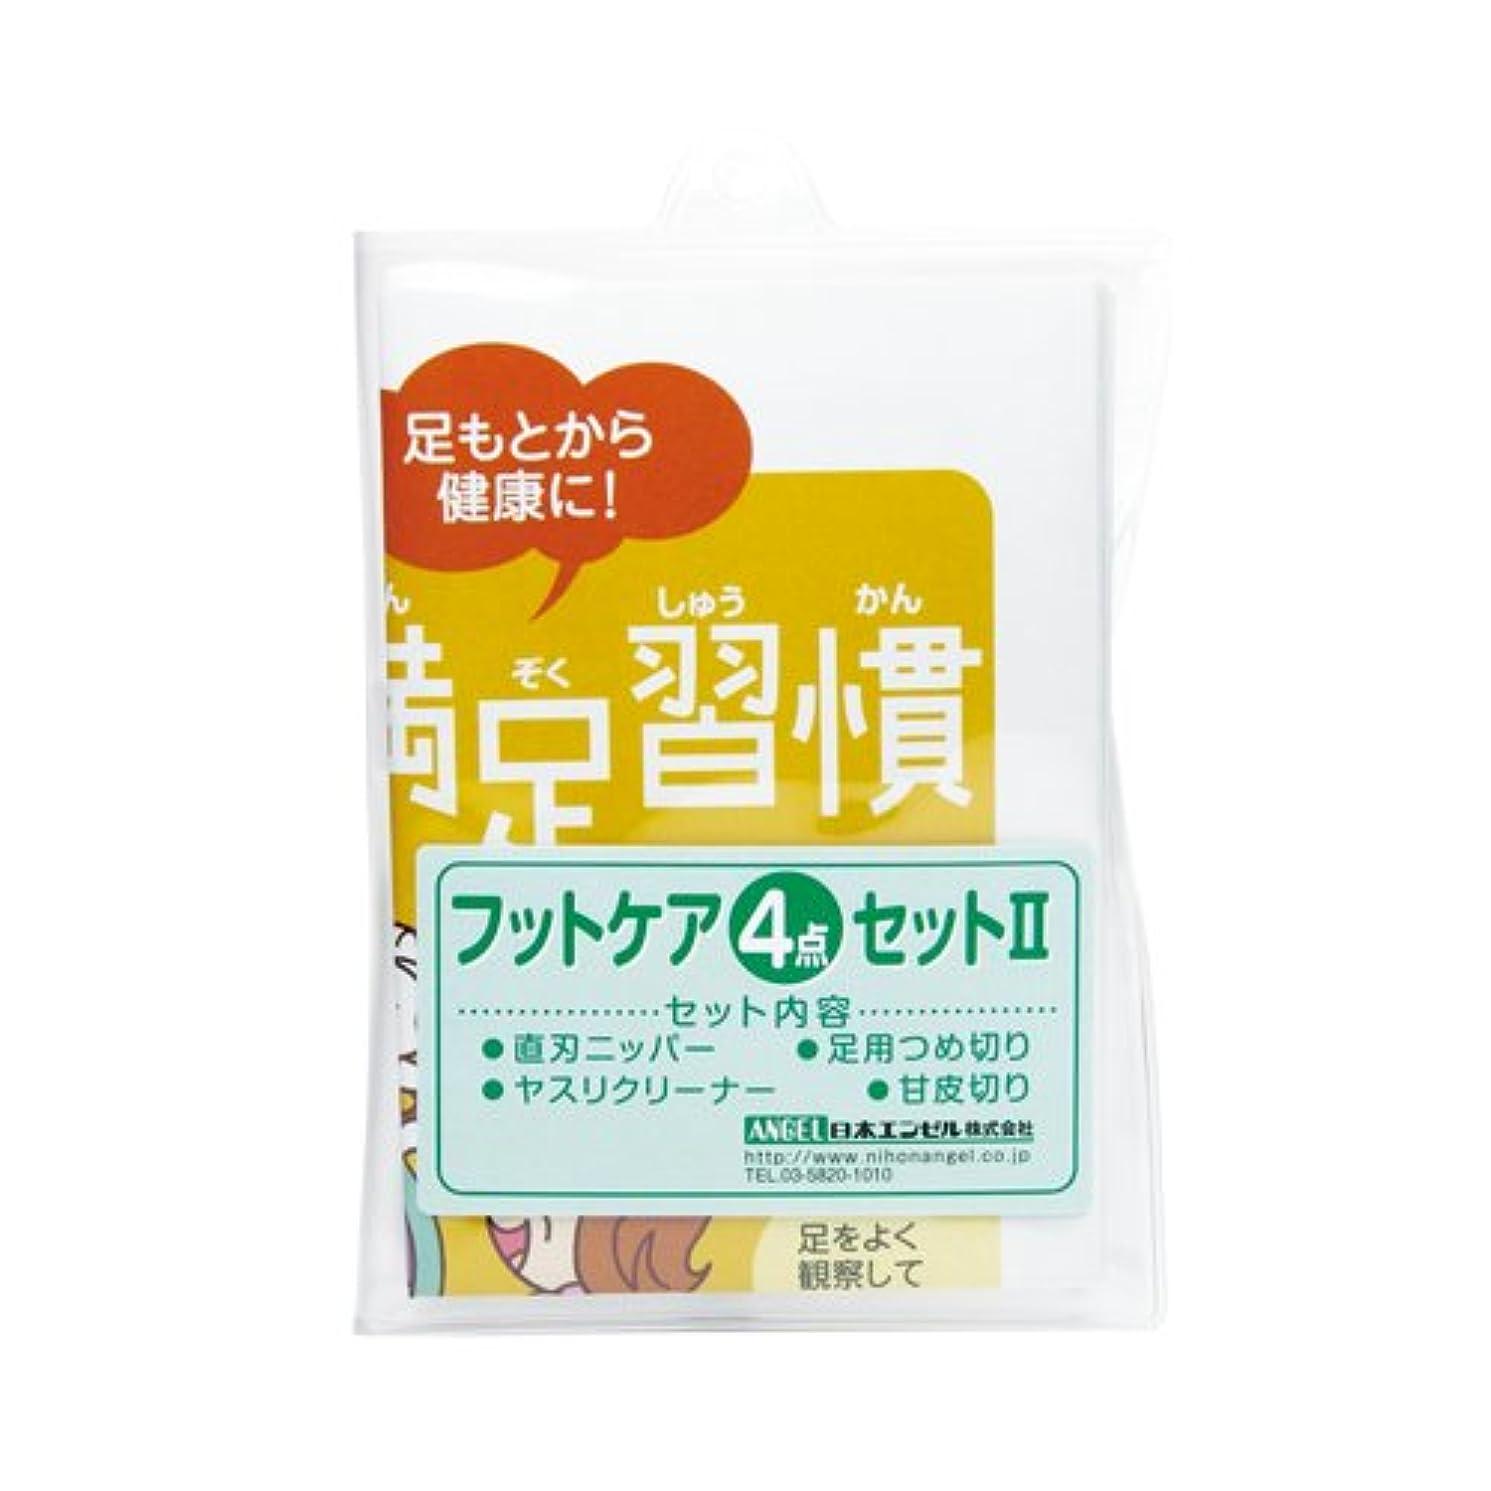 パン提供されたメタリックフットケア4点セット2 [爪きり衛生用品]